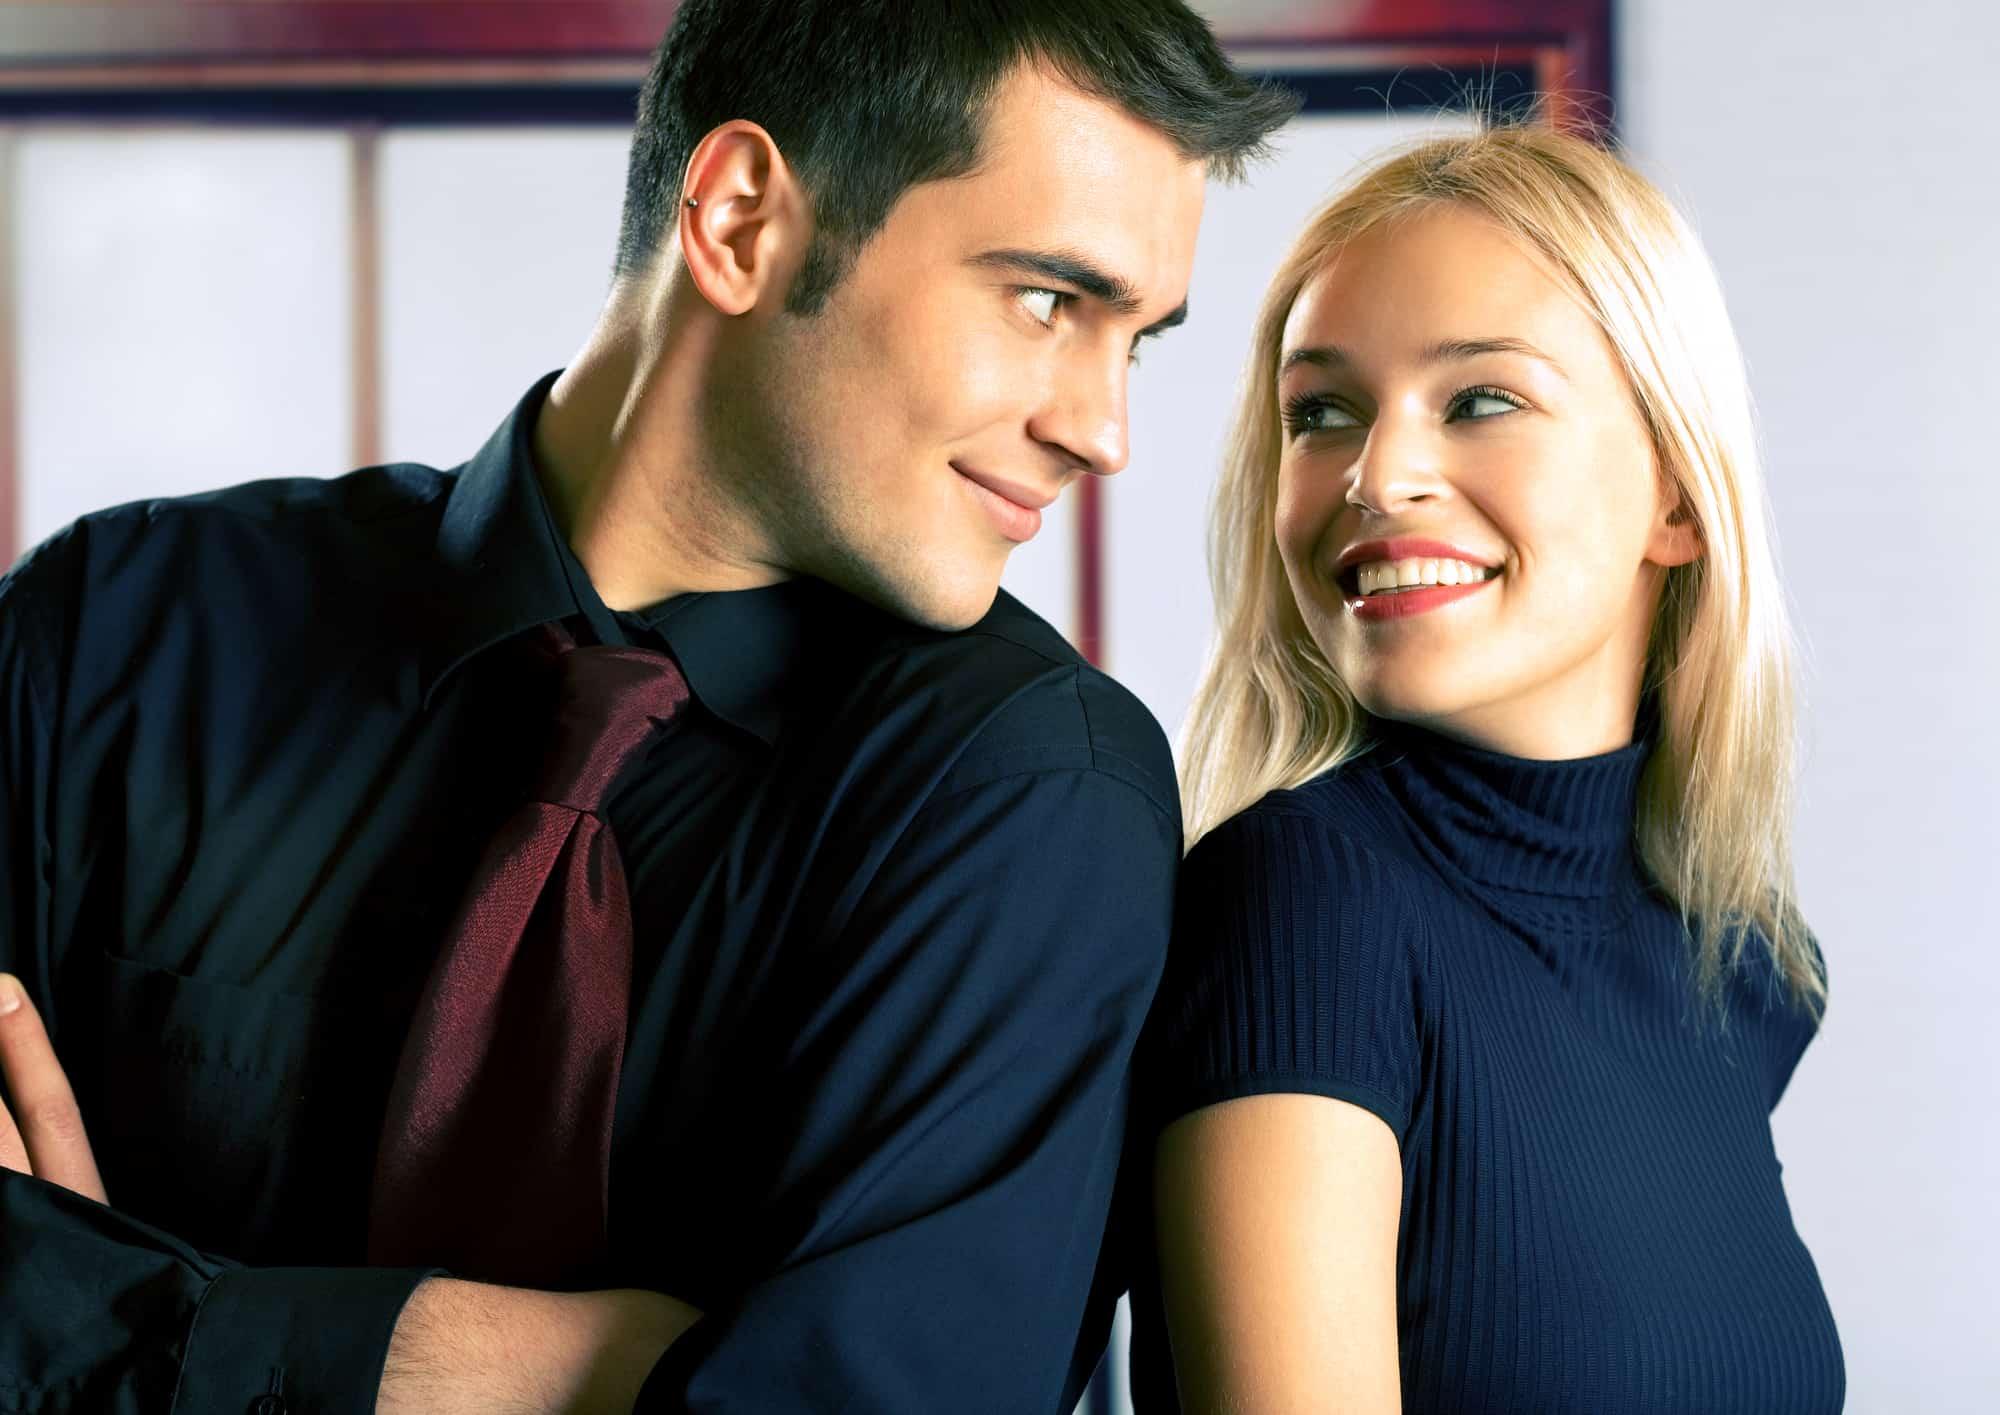 химия отношений между мужчиной и женщиной